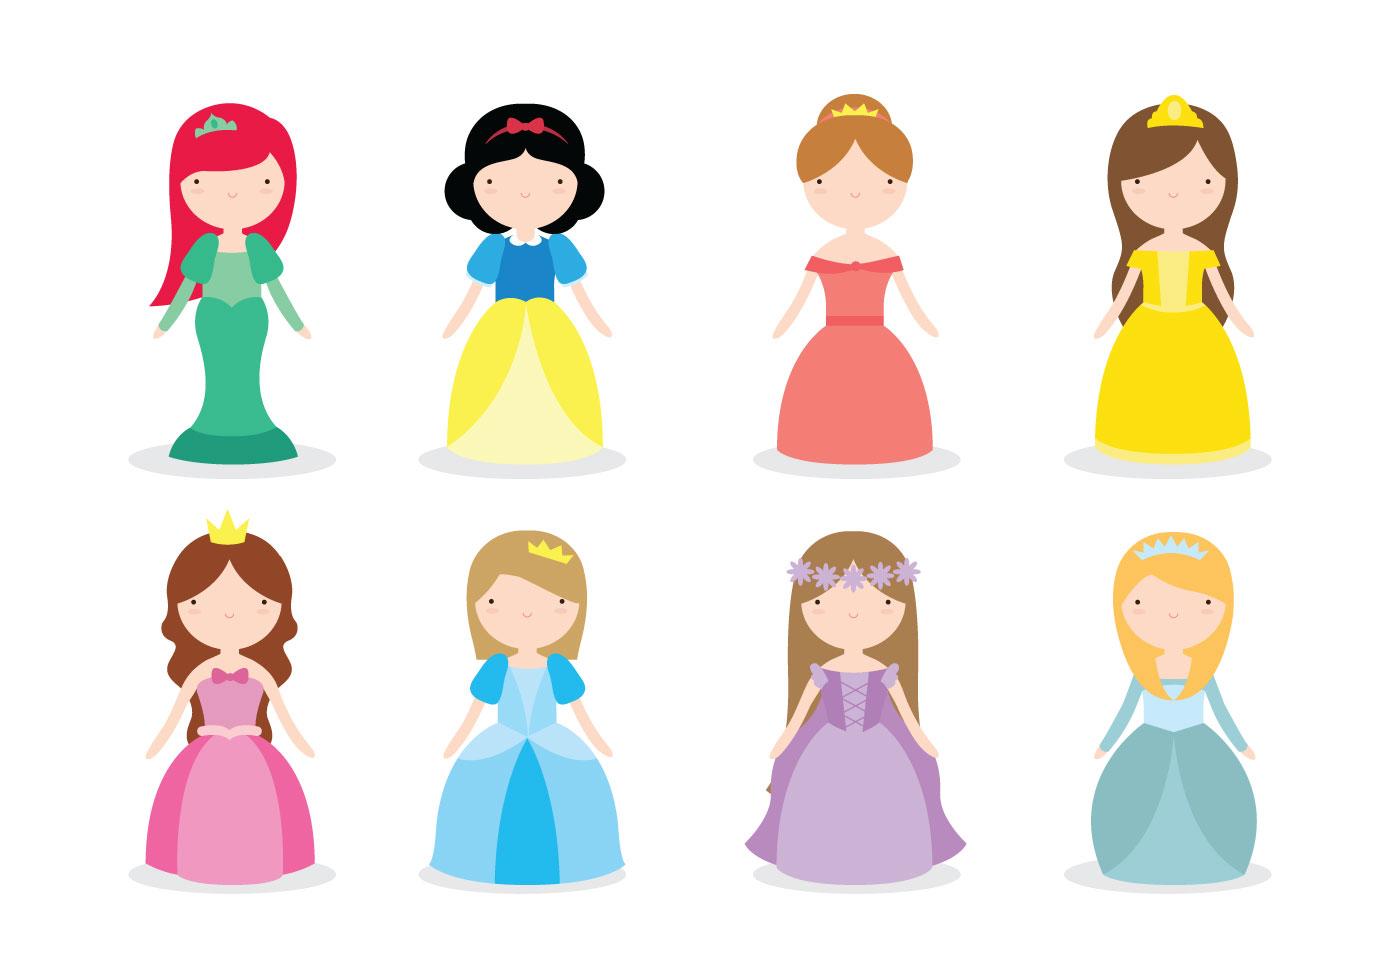 Disney Princess Vectors - Download Free Vector Art, Stock ...